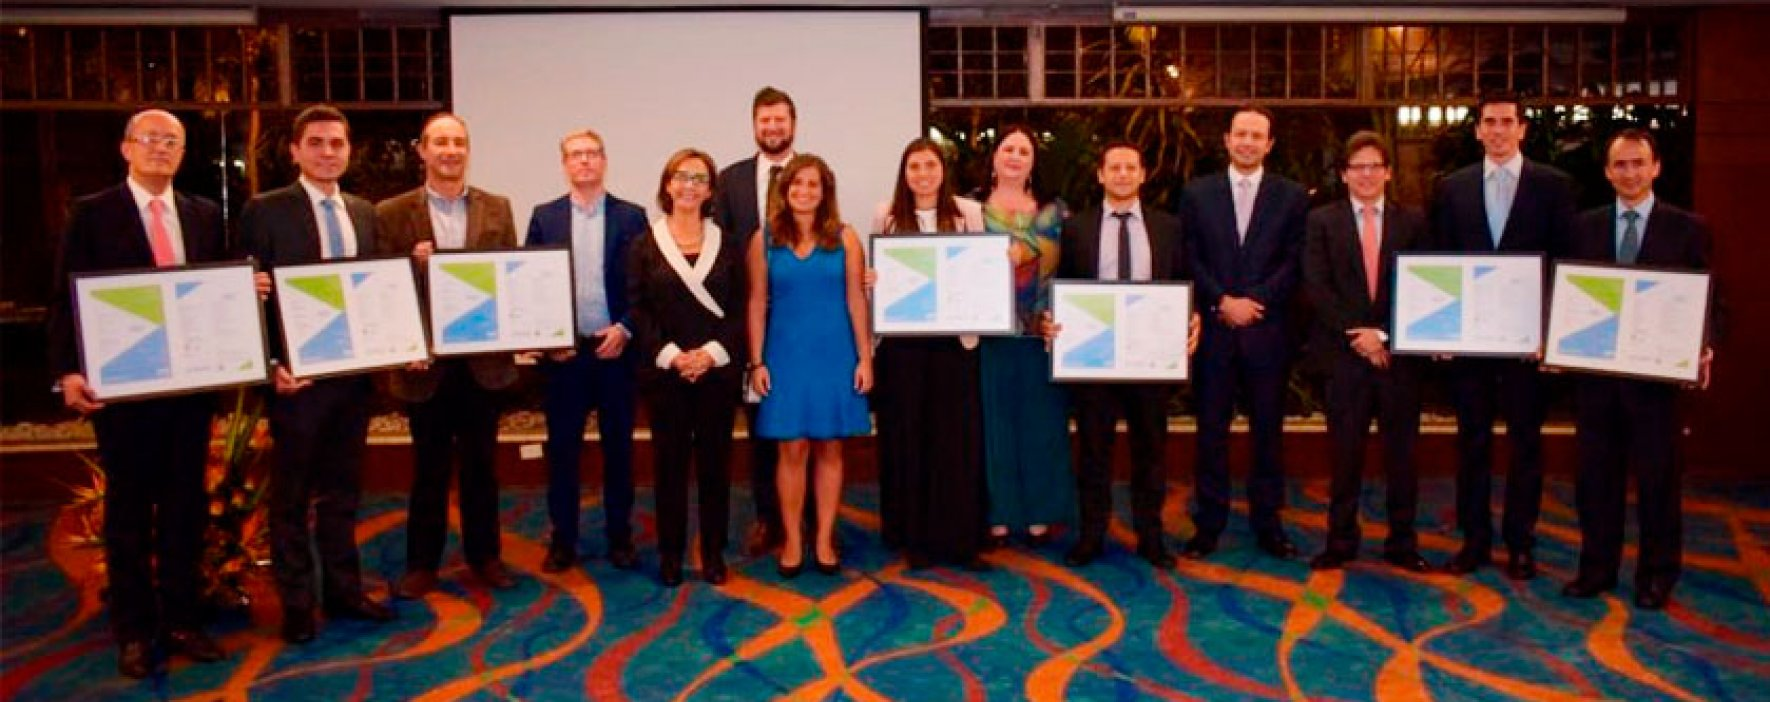 En 2 años, 52 proyectos de Colombia han obtenido certificación de diseño EDGE